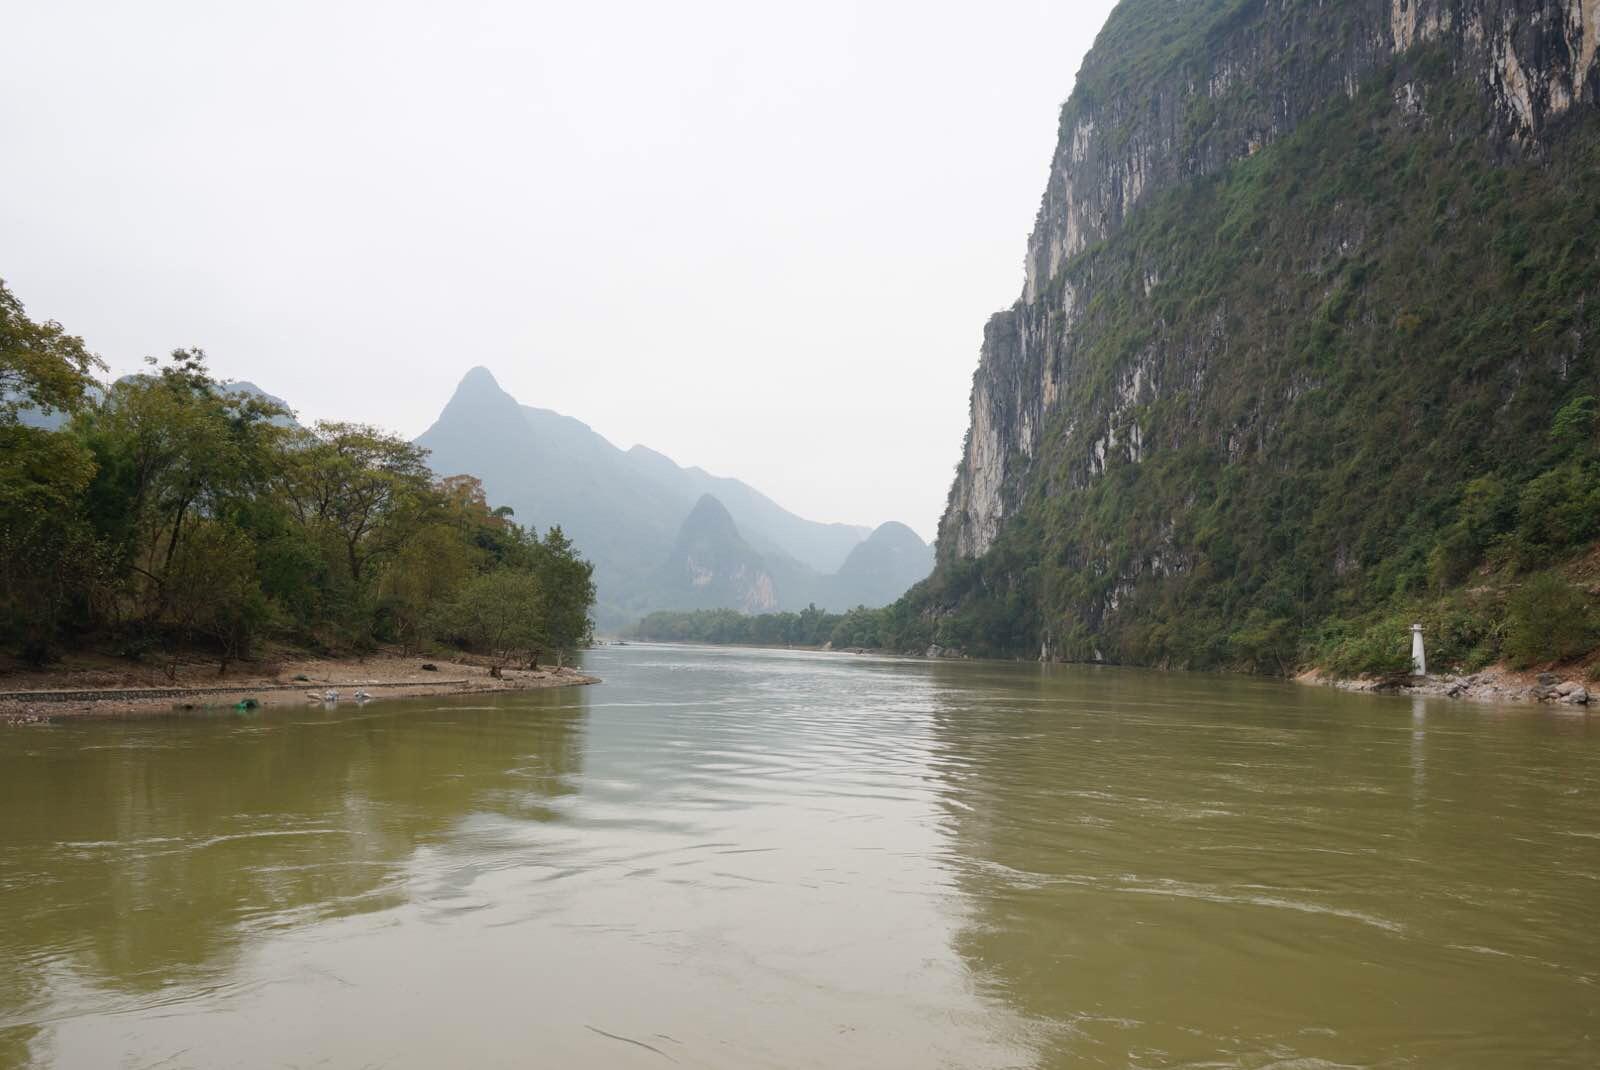 桂林山水甲天下 阳朔山水甲桂林